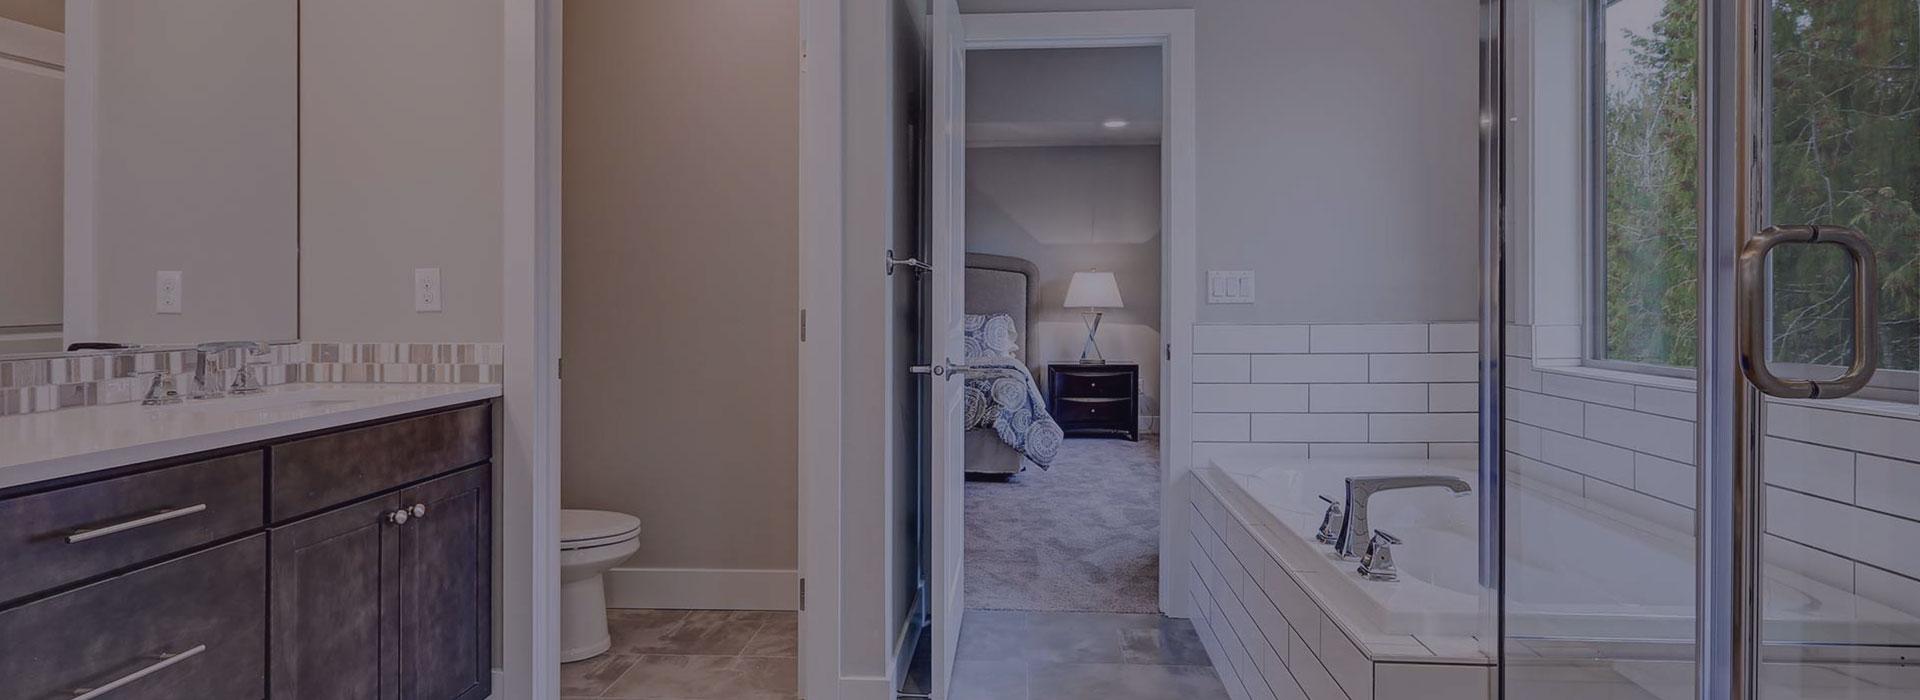 carol stream bathroom remodeling contractors